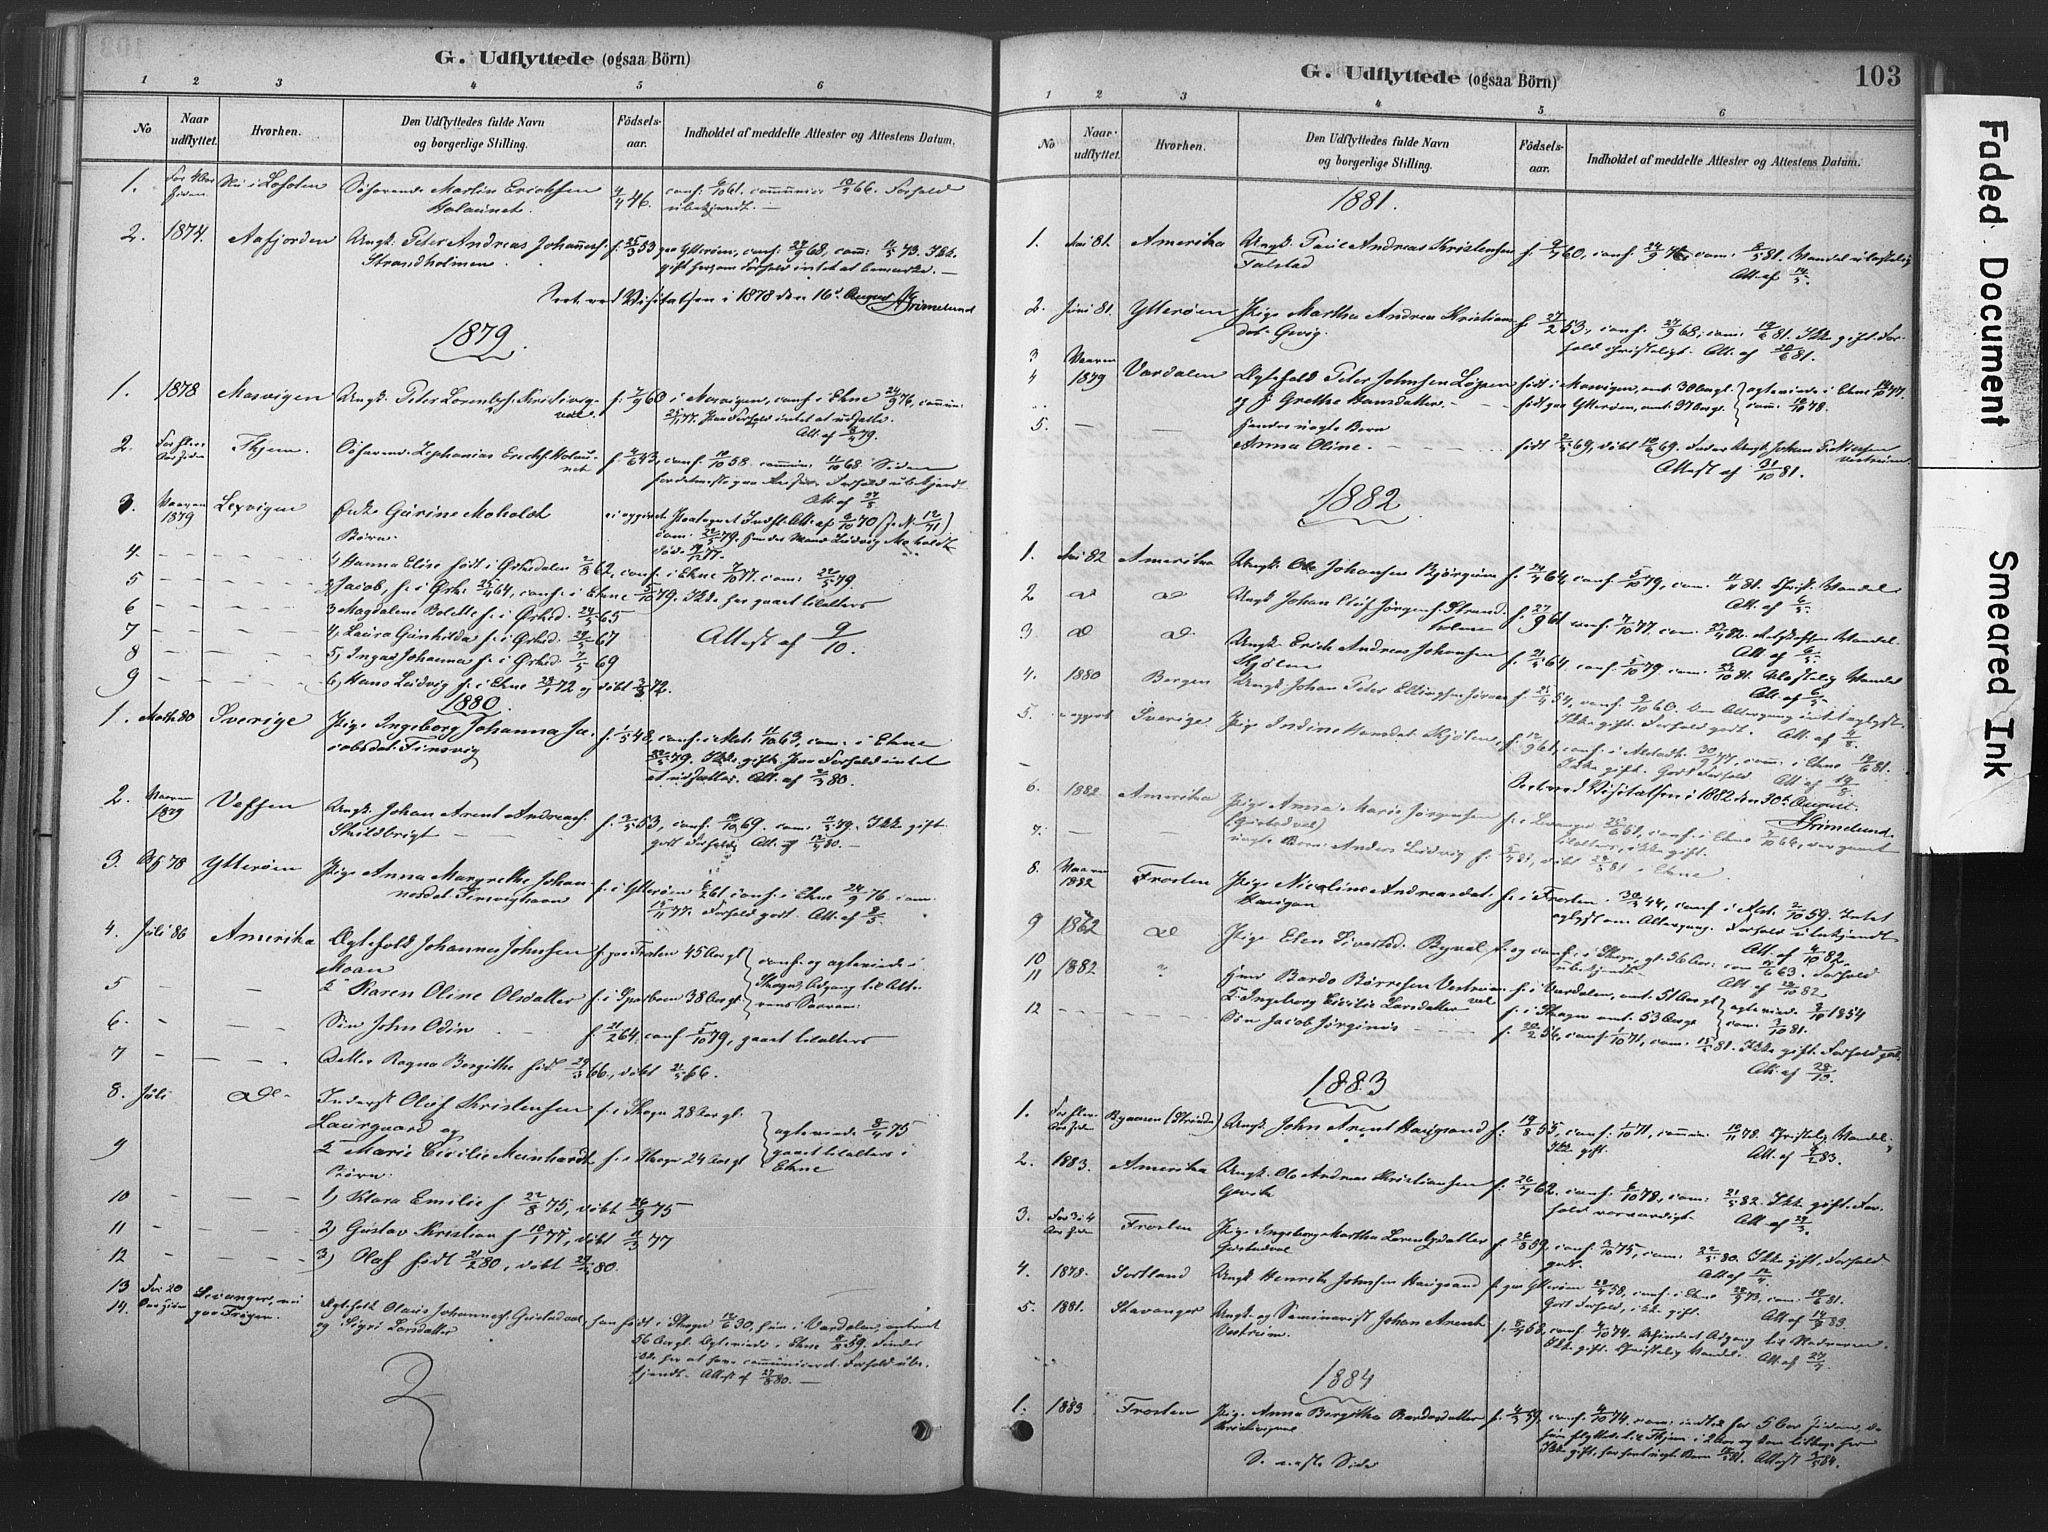 SAT, Ministerialprotokoller, klokkerbøker og fødselsregistre - Nord-Trøndelag, 719/L0178: Ministerialbok nr. 719A01, 1878-1900, s. 103